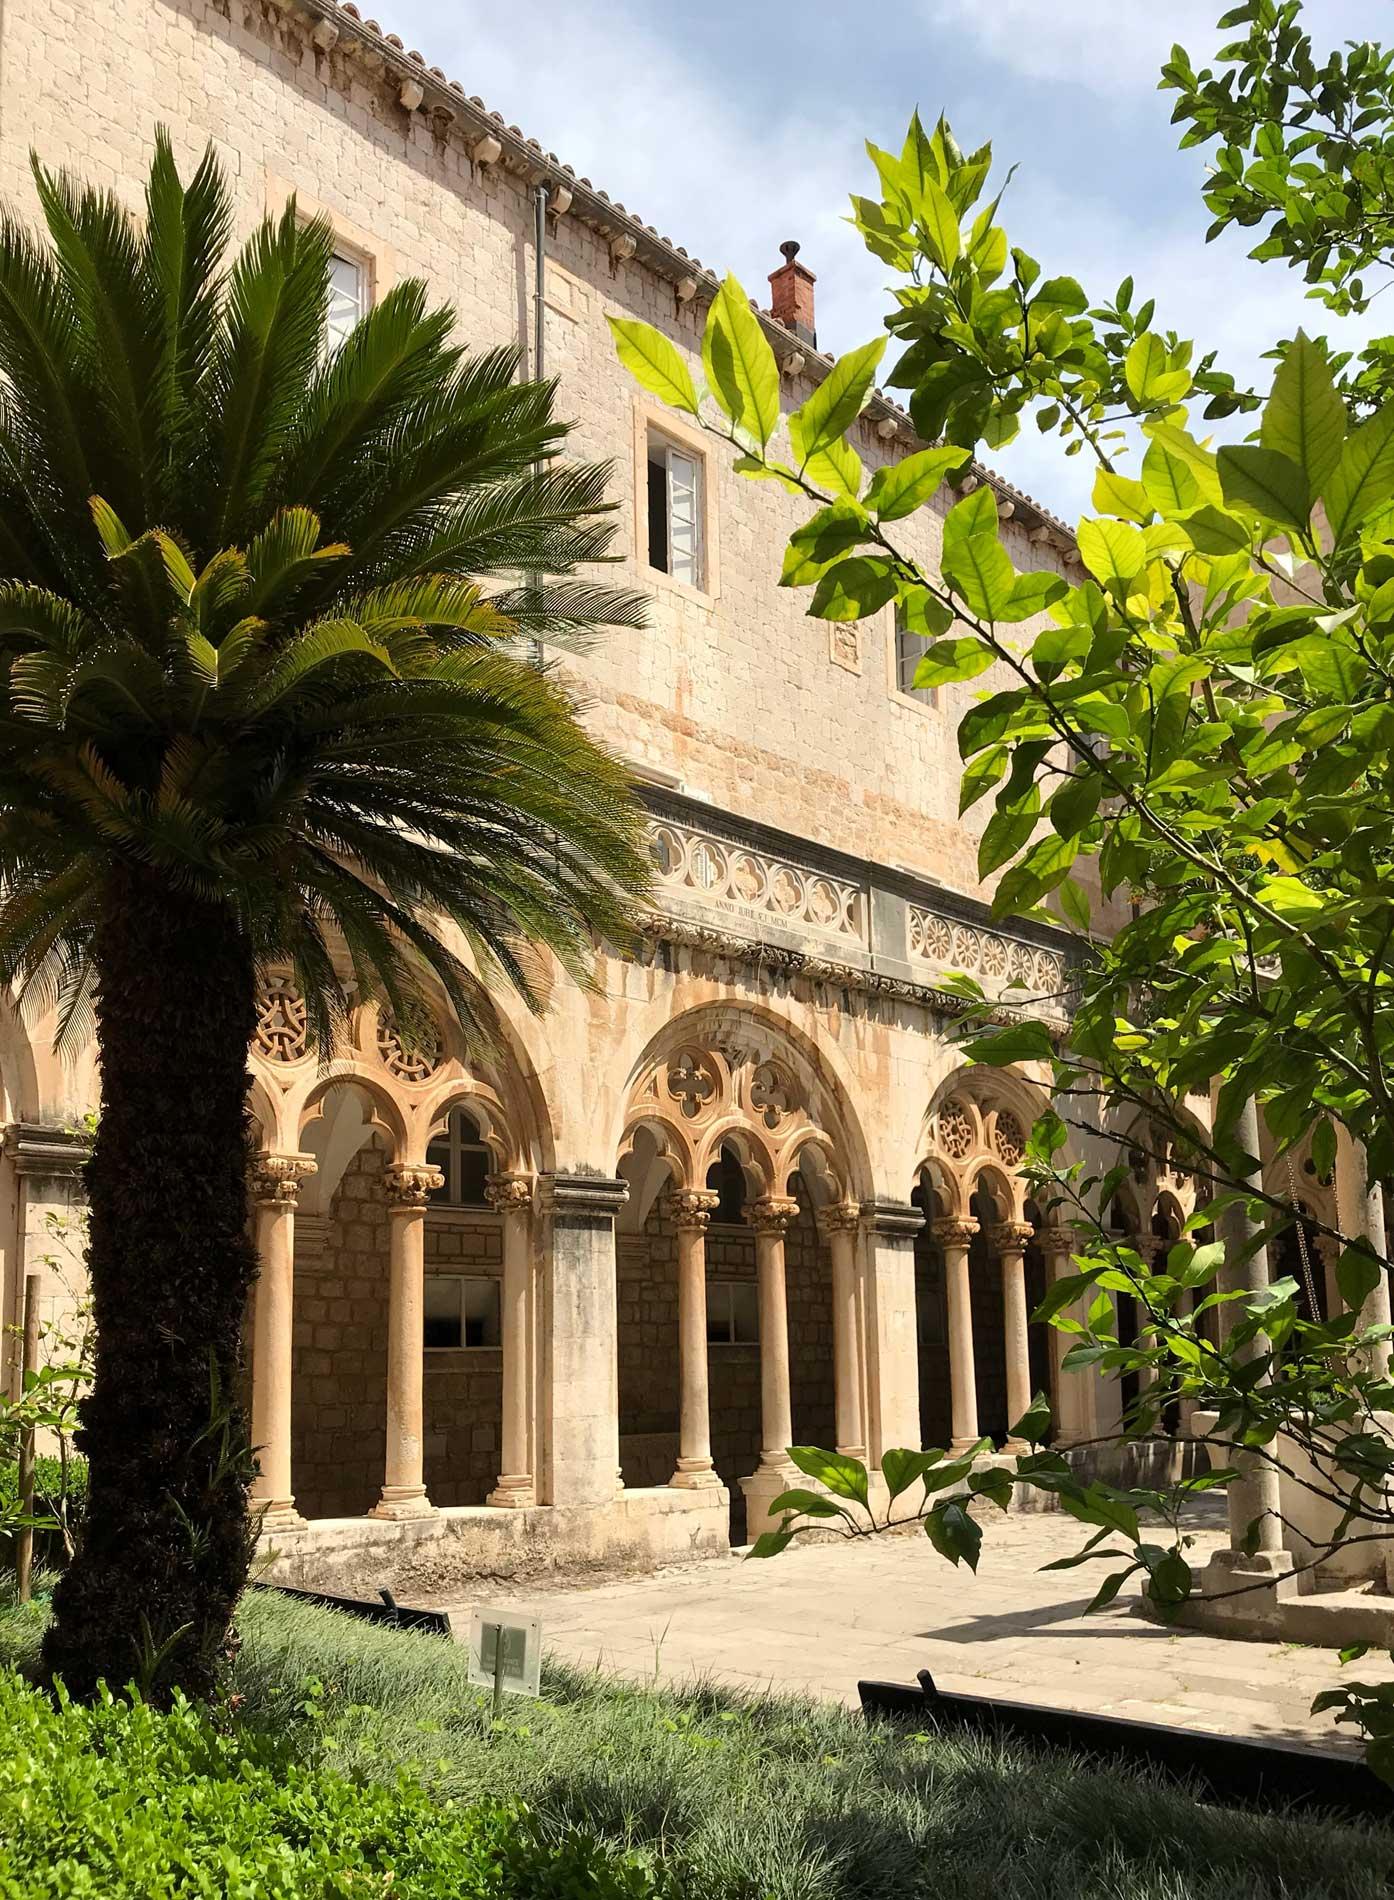 Dubrovnik-Croazia-monastero-dei-benedettini-chiostro-finestre